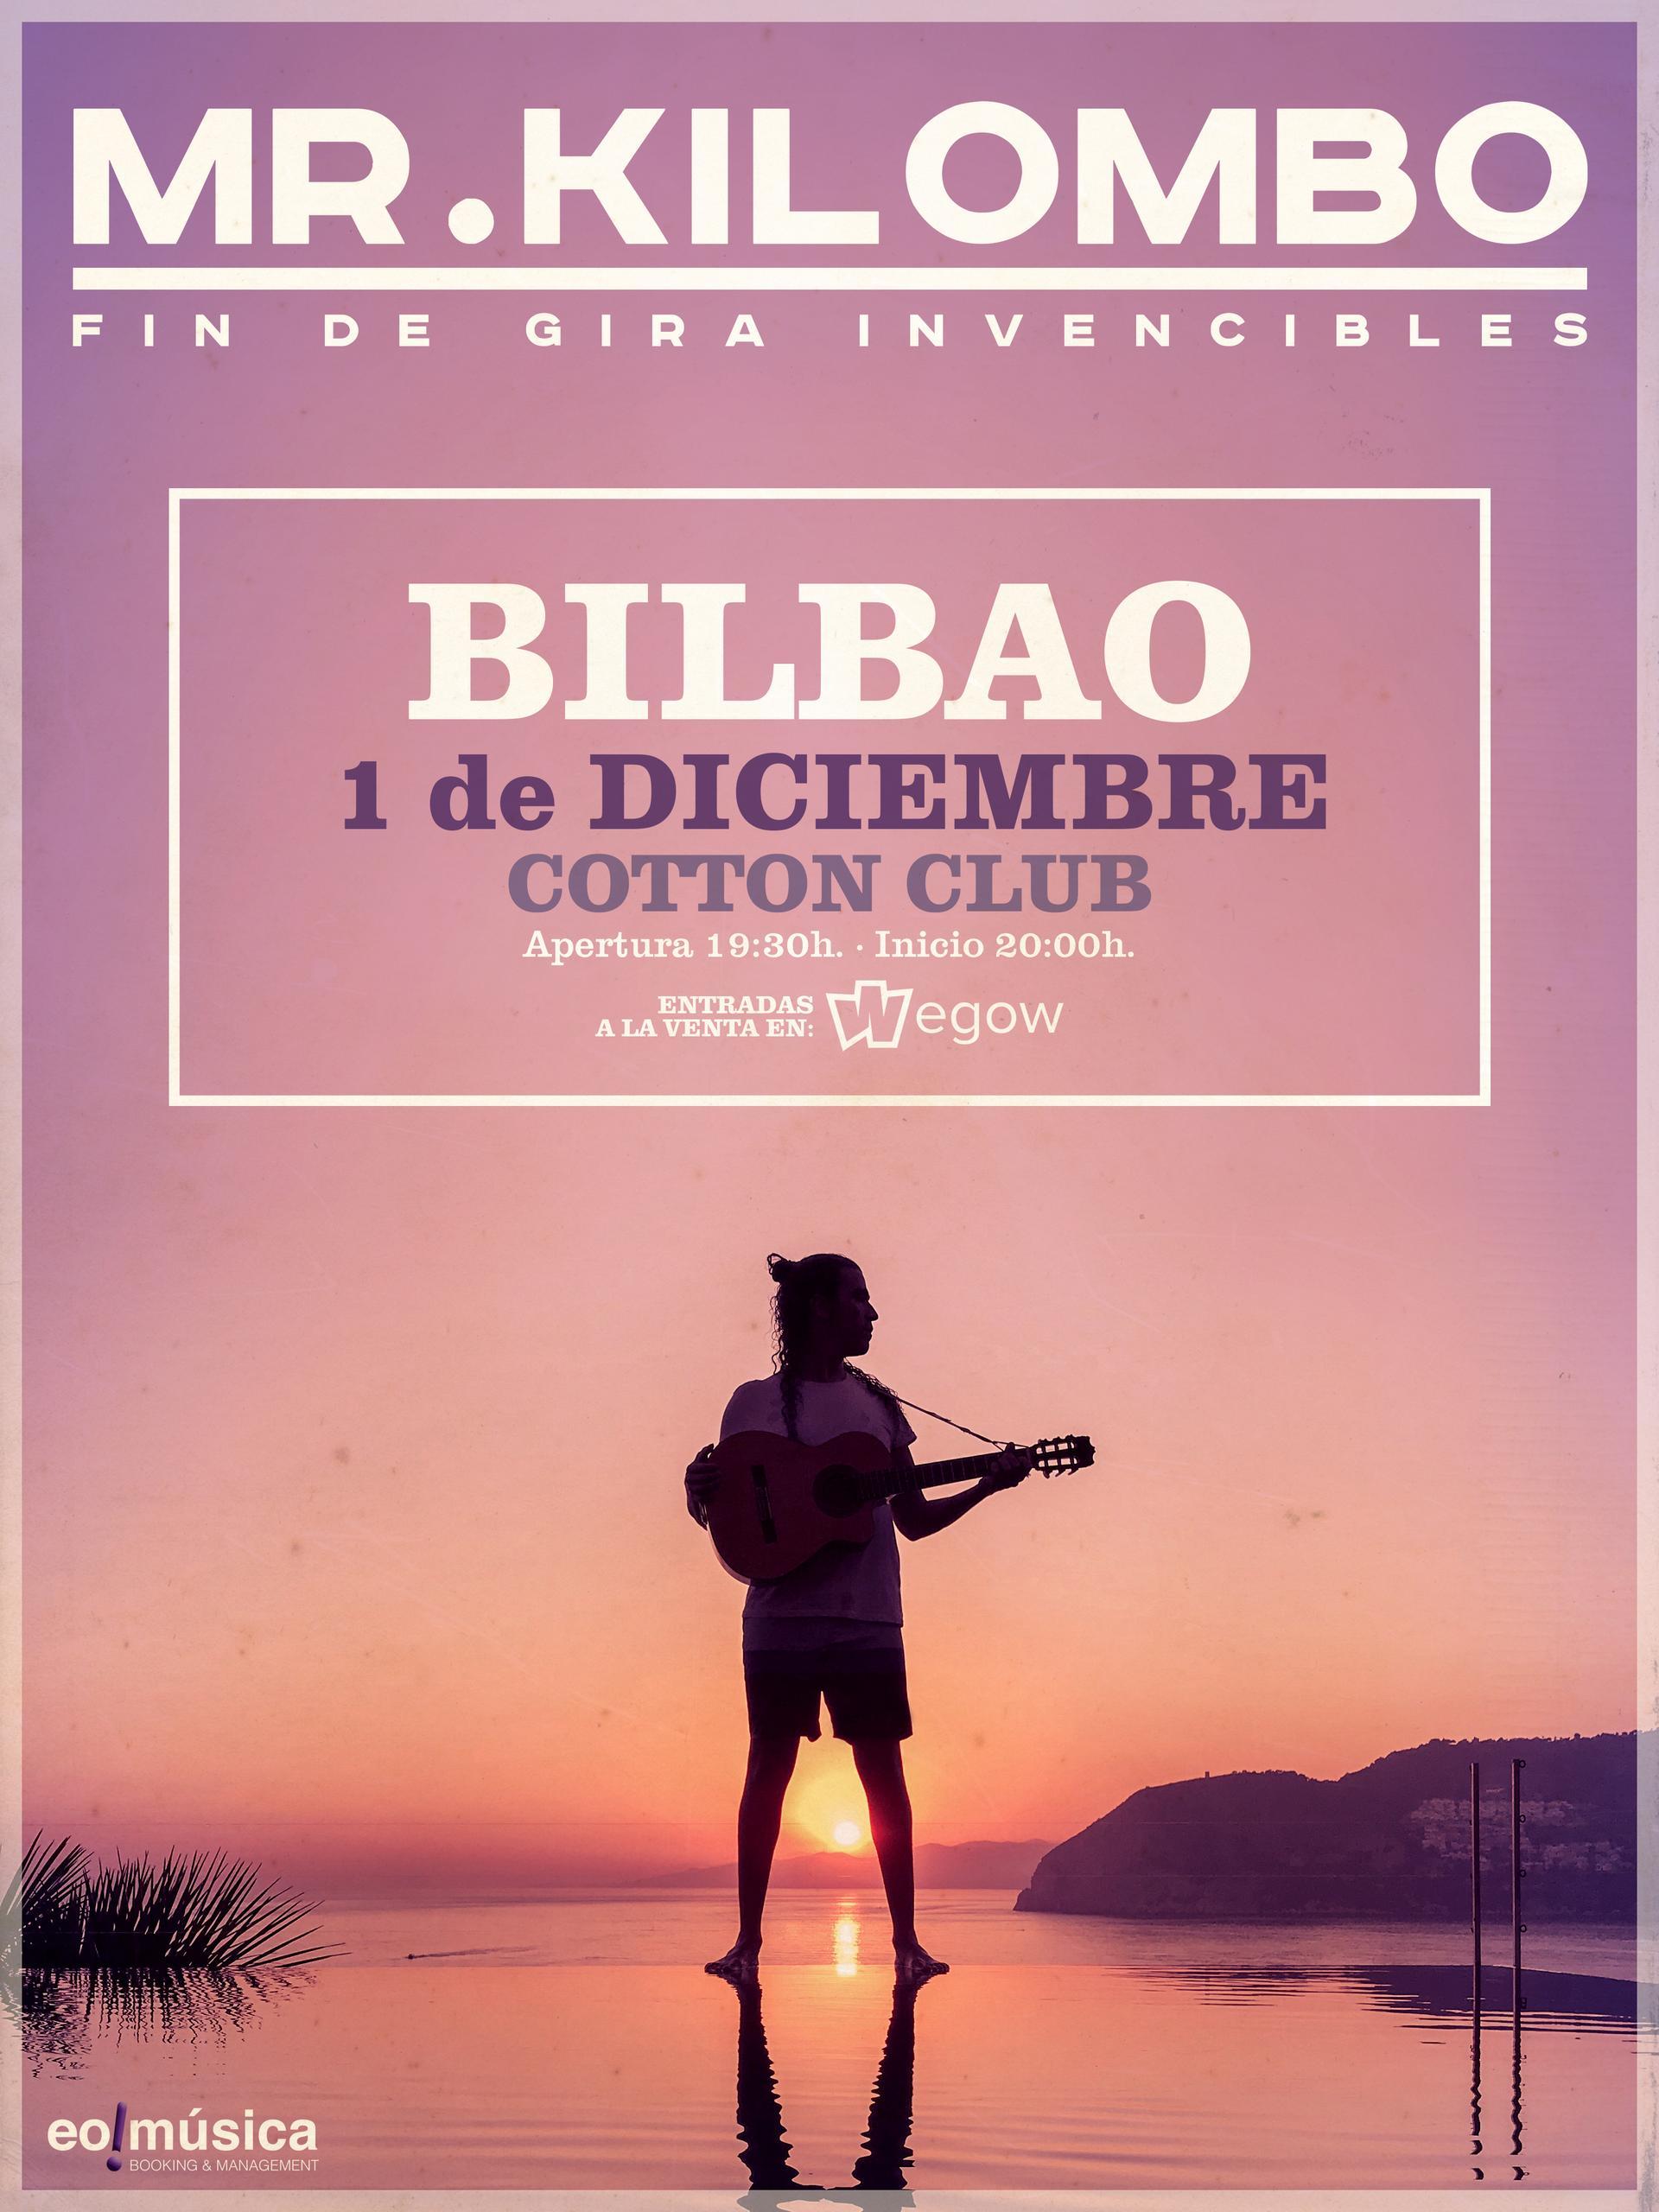 Concierto de Mr. Kilombo en Bilbao